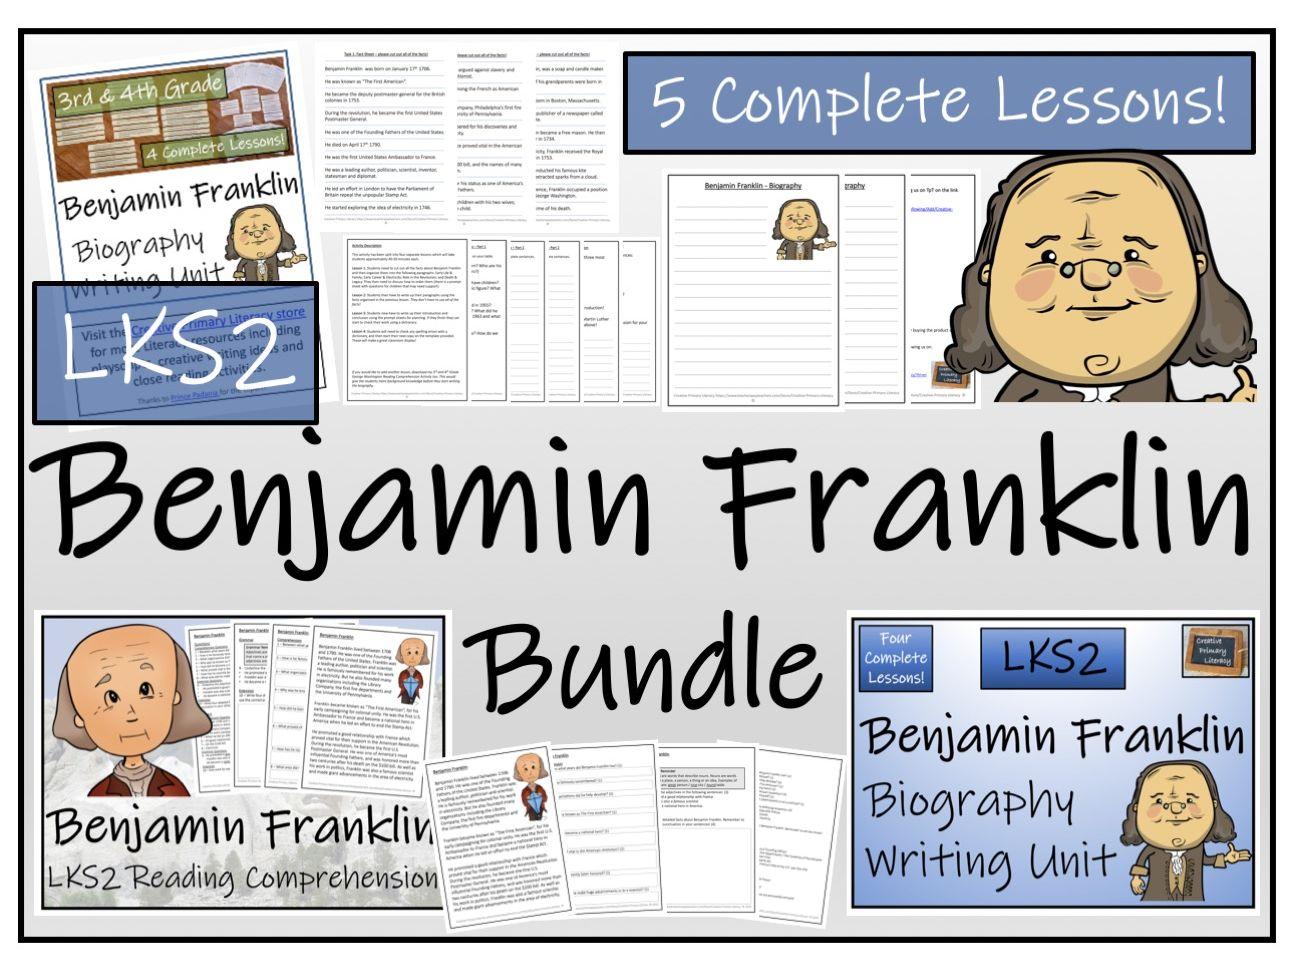 LKS2 History - Benjamin Franklin Reading Comprehension & Biography Bundle